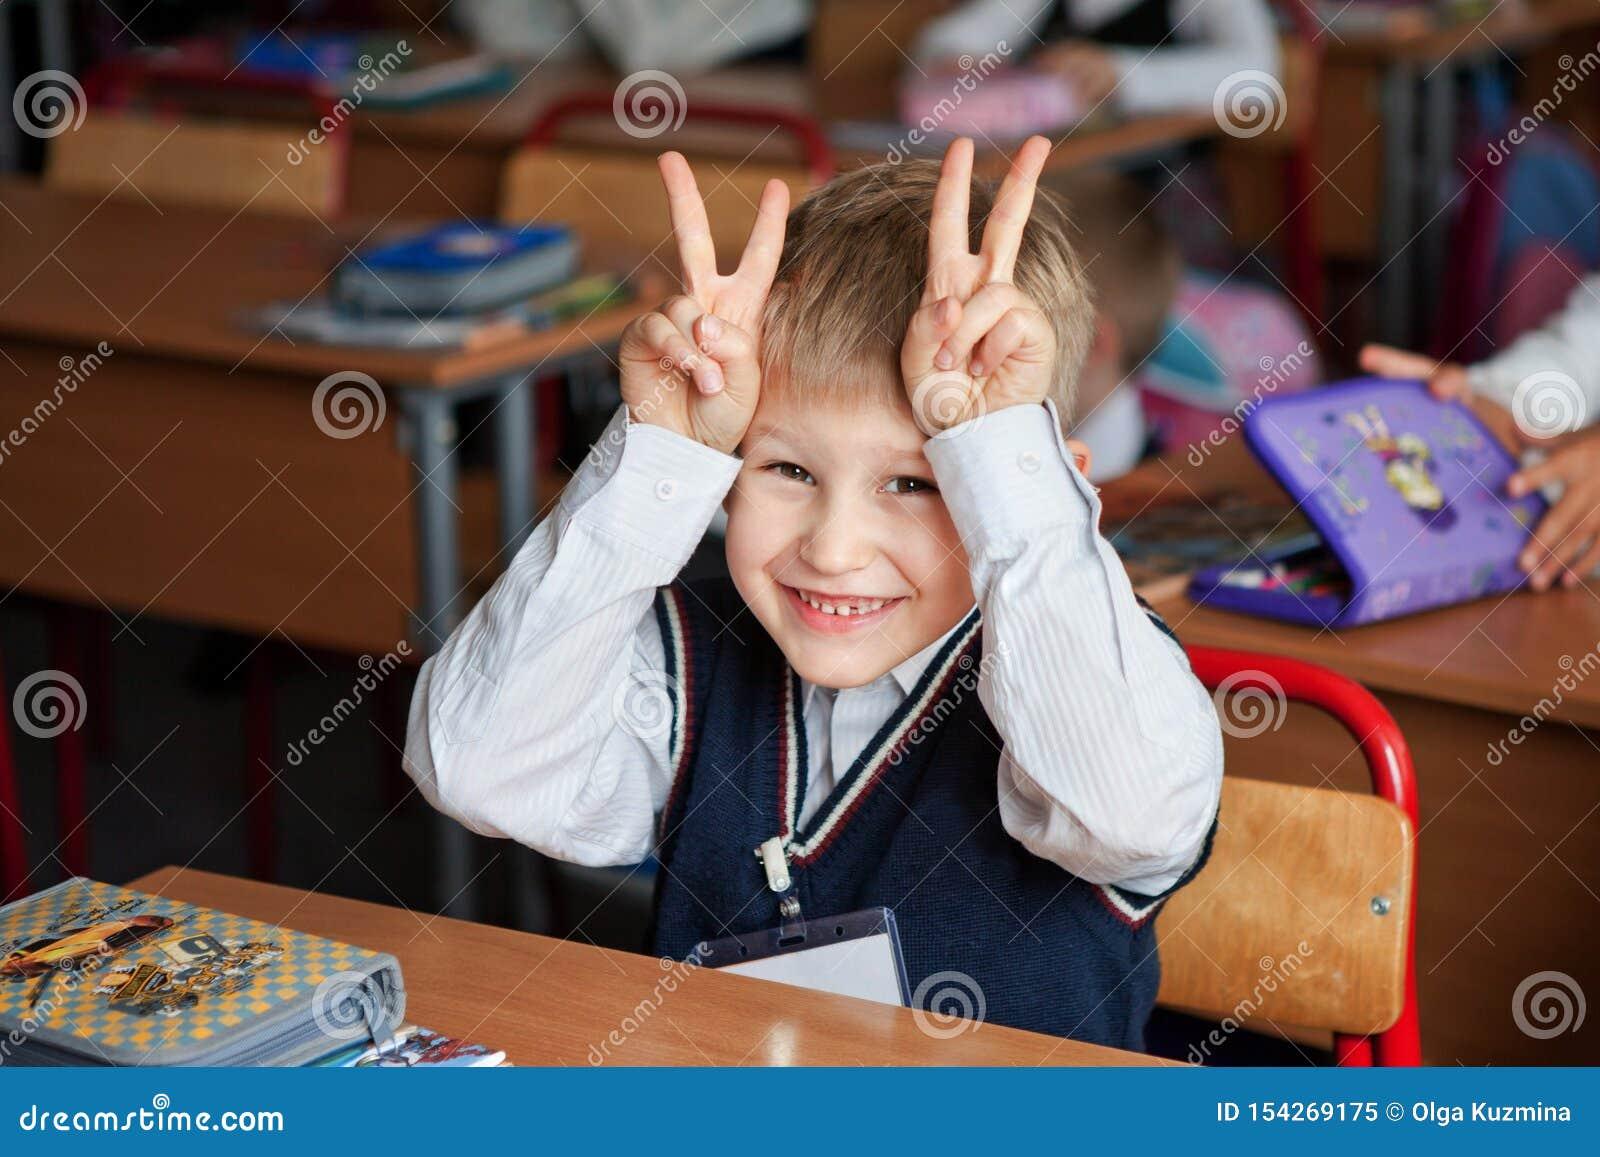 Μόσχα, Ρωσία, το Σεπτέμβριο του 2012 Αλλαγή στο δημοτικό σχολείο Το αγόρι στη σχολική στολή χαμογελά και χτίζει τα πρόσωπα Φωτειν